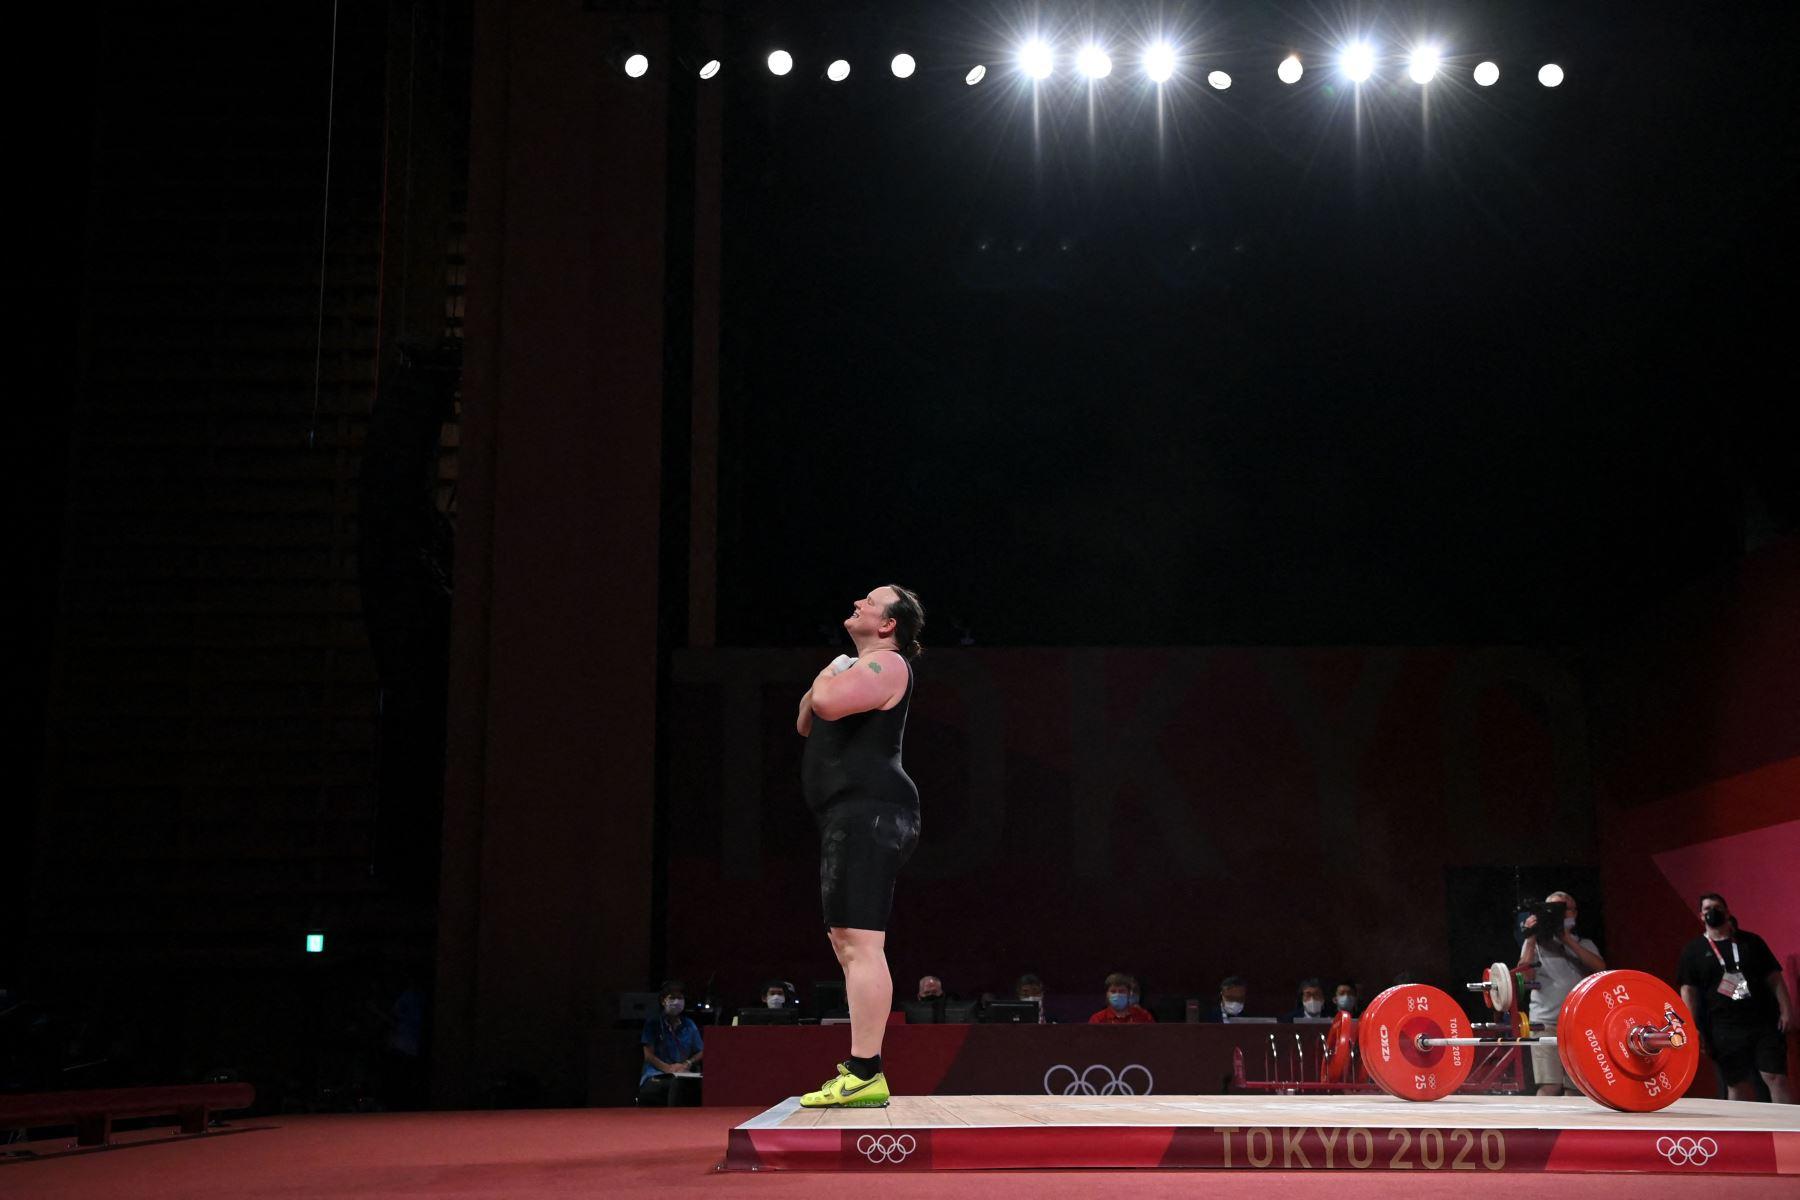 Laurel Hubbard de Nueva Zelanda reacciona en la competencia femenina de levantamiento de pesas de + 87 kg durante los Juegos Olímpicos de Tokio 2020 en el Foro Internacional de Tokio. Foto: AFP